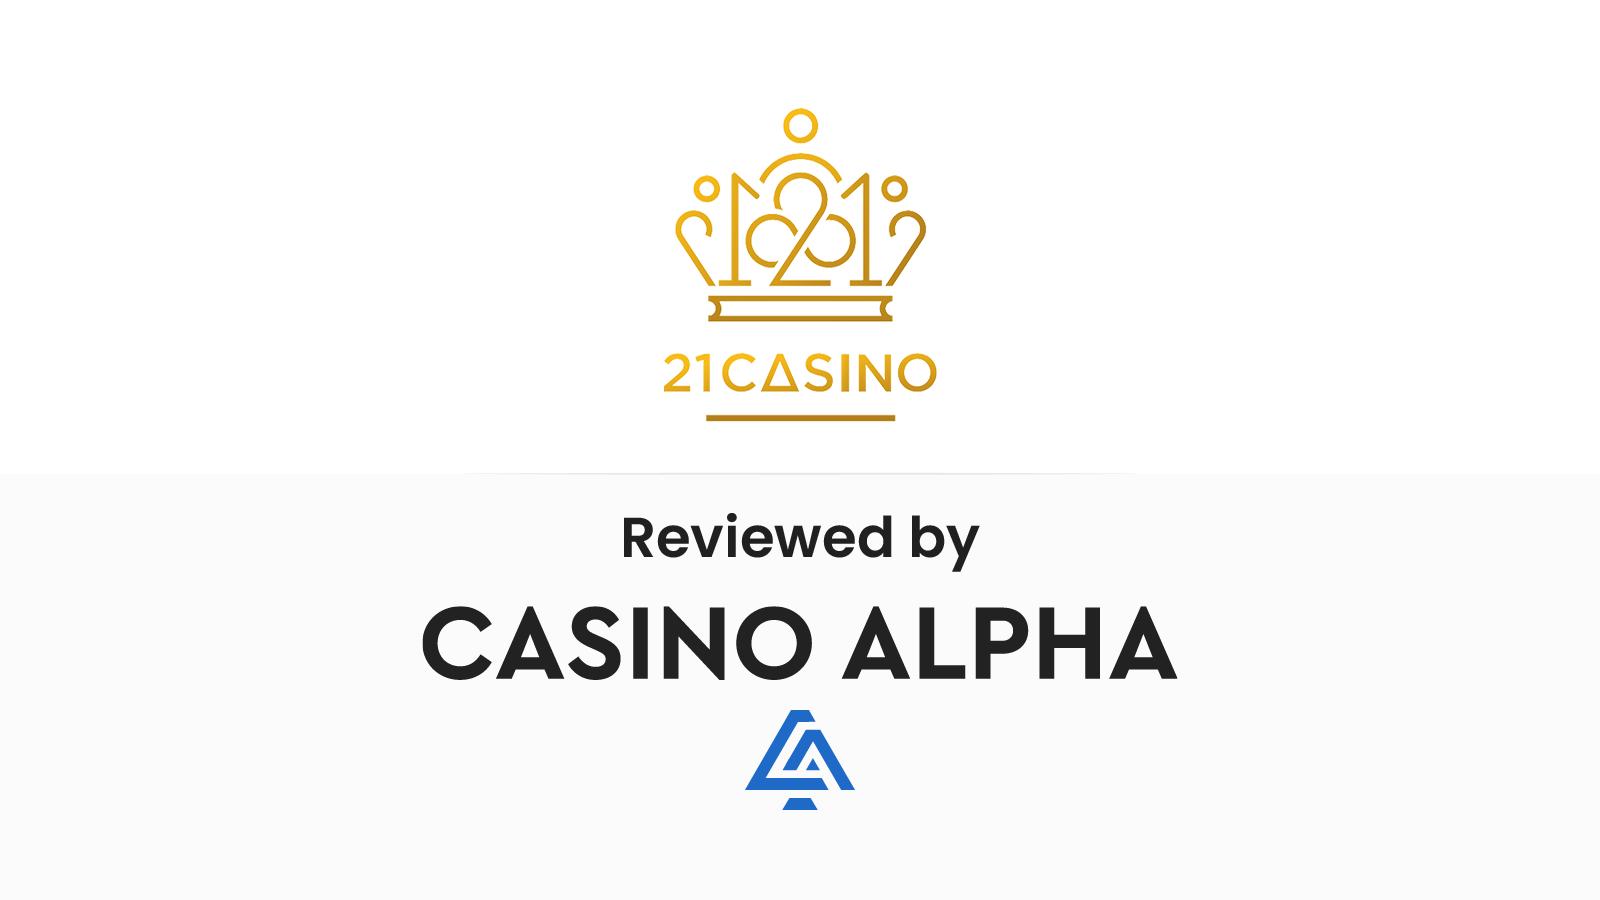 21 Casino Review & Bonuses